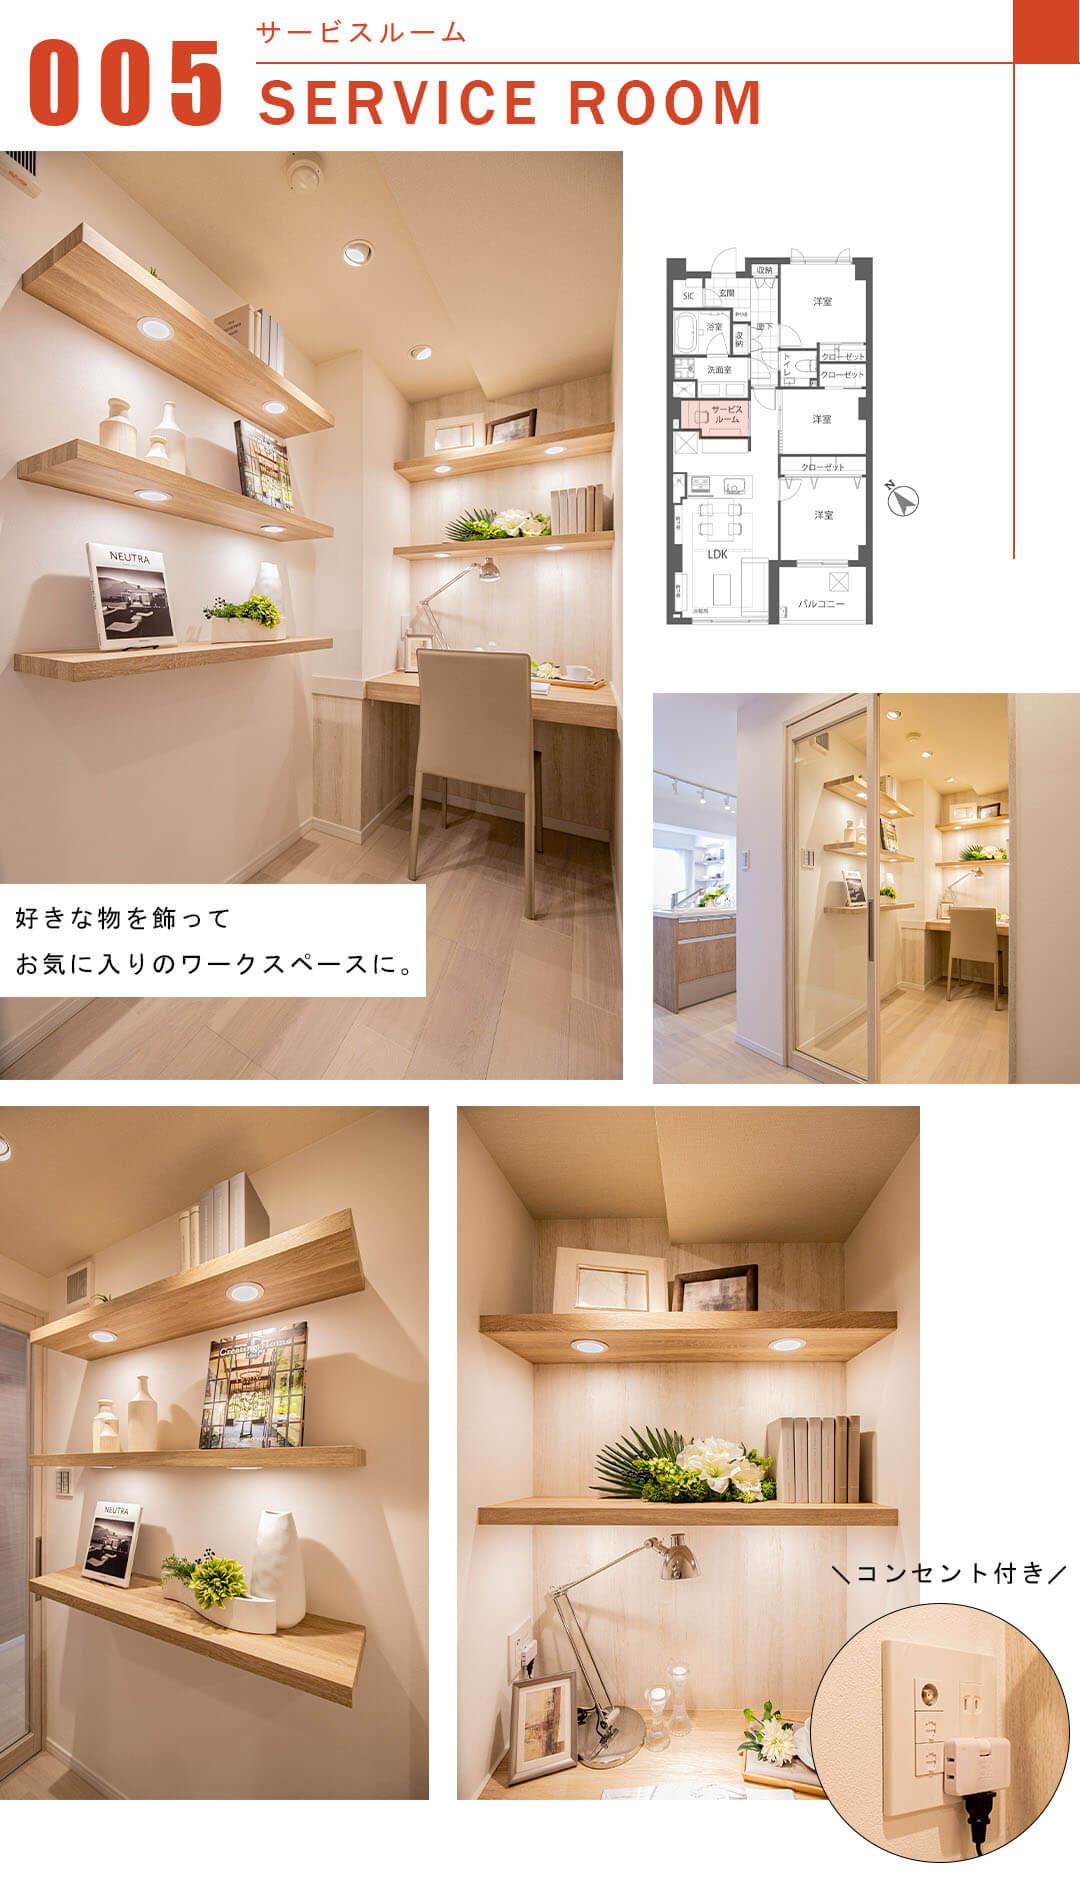 パークハウス駒込桜郷のサービスルーム